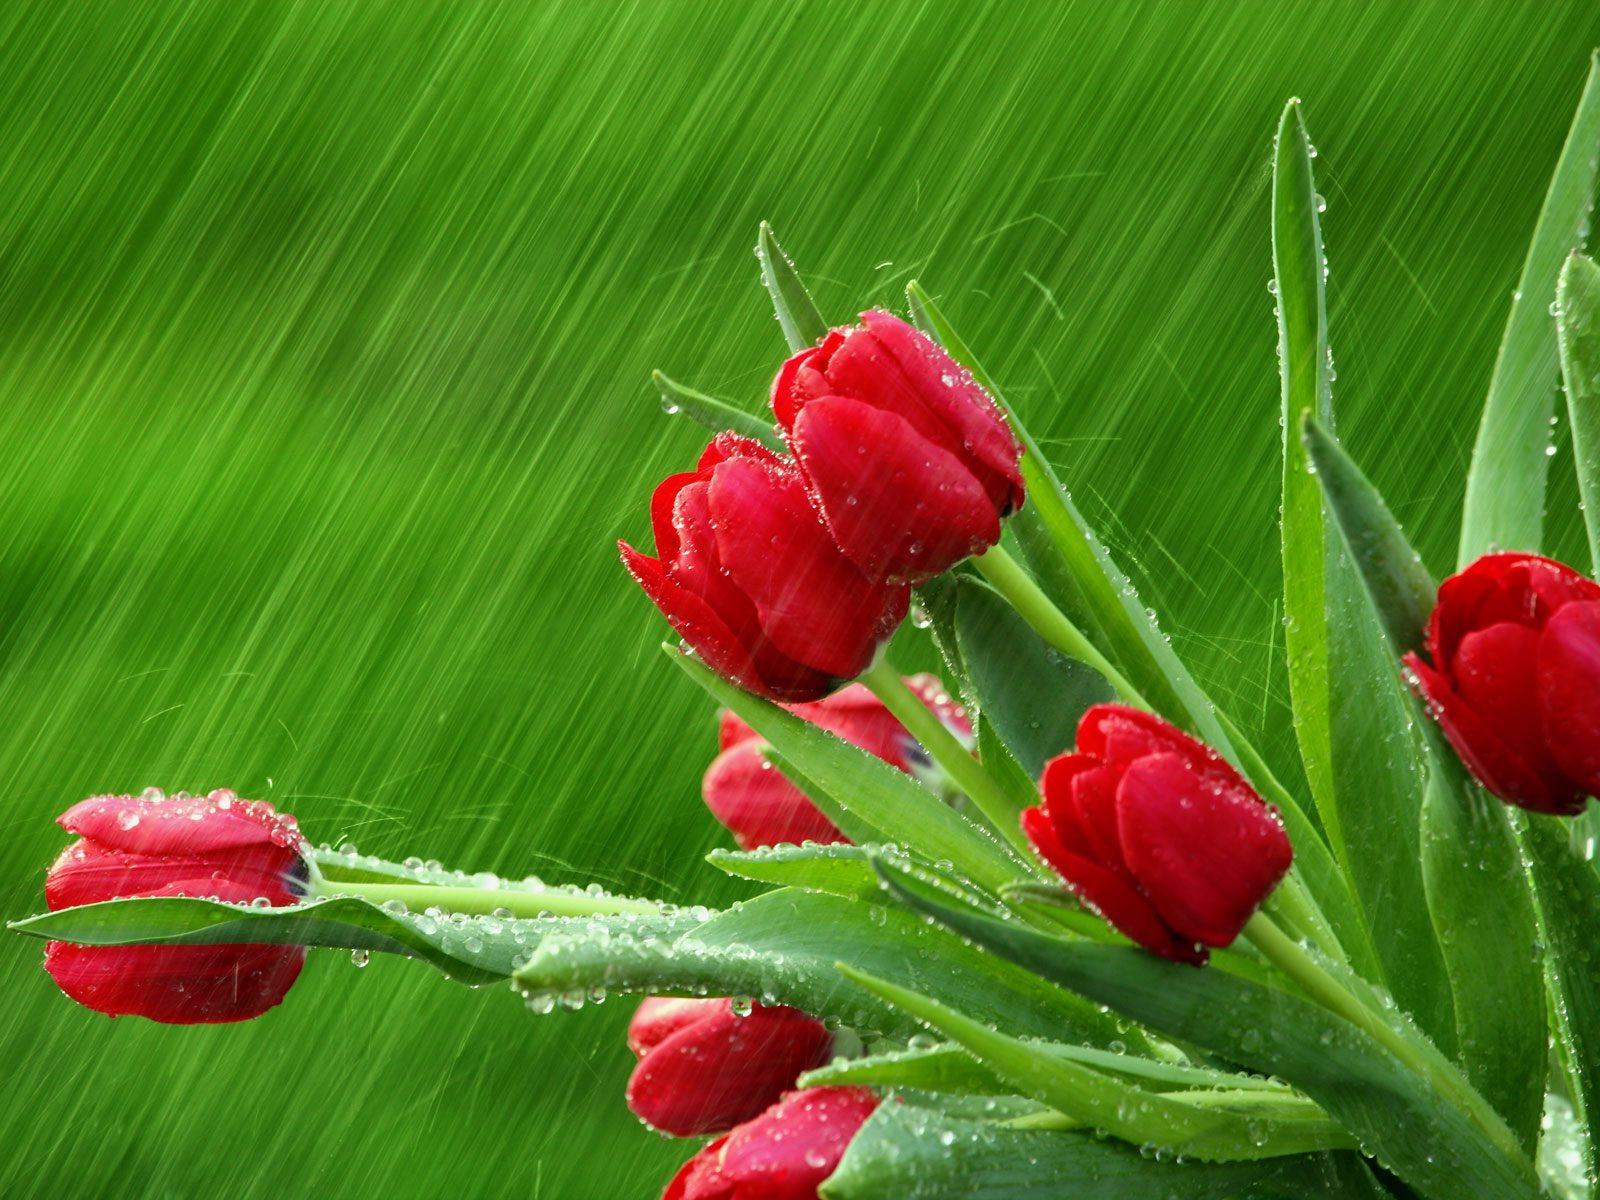 красивые цветы тюльпаны картинка на рабочий стол